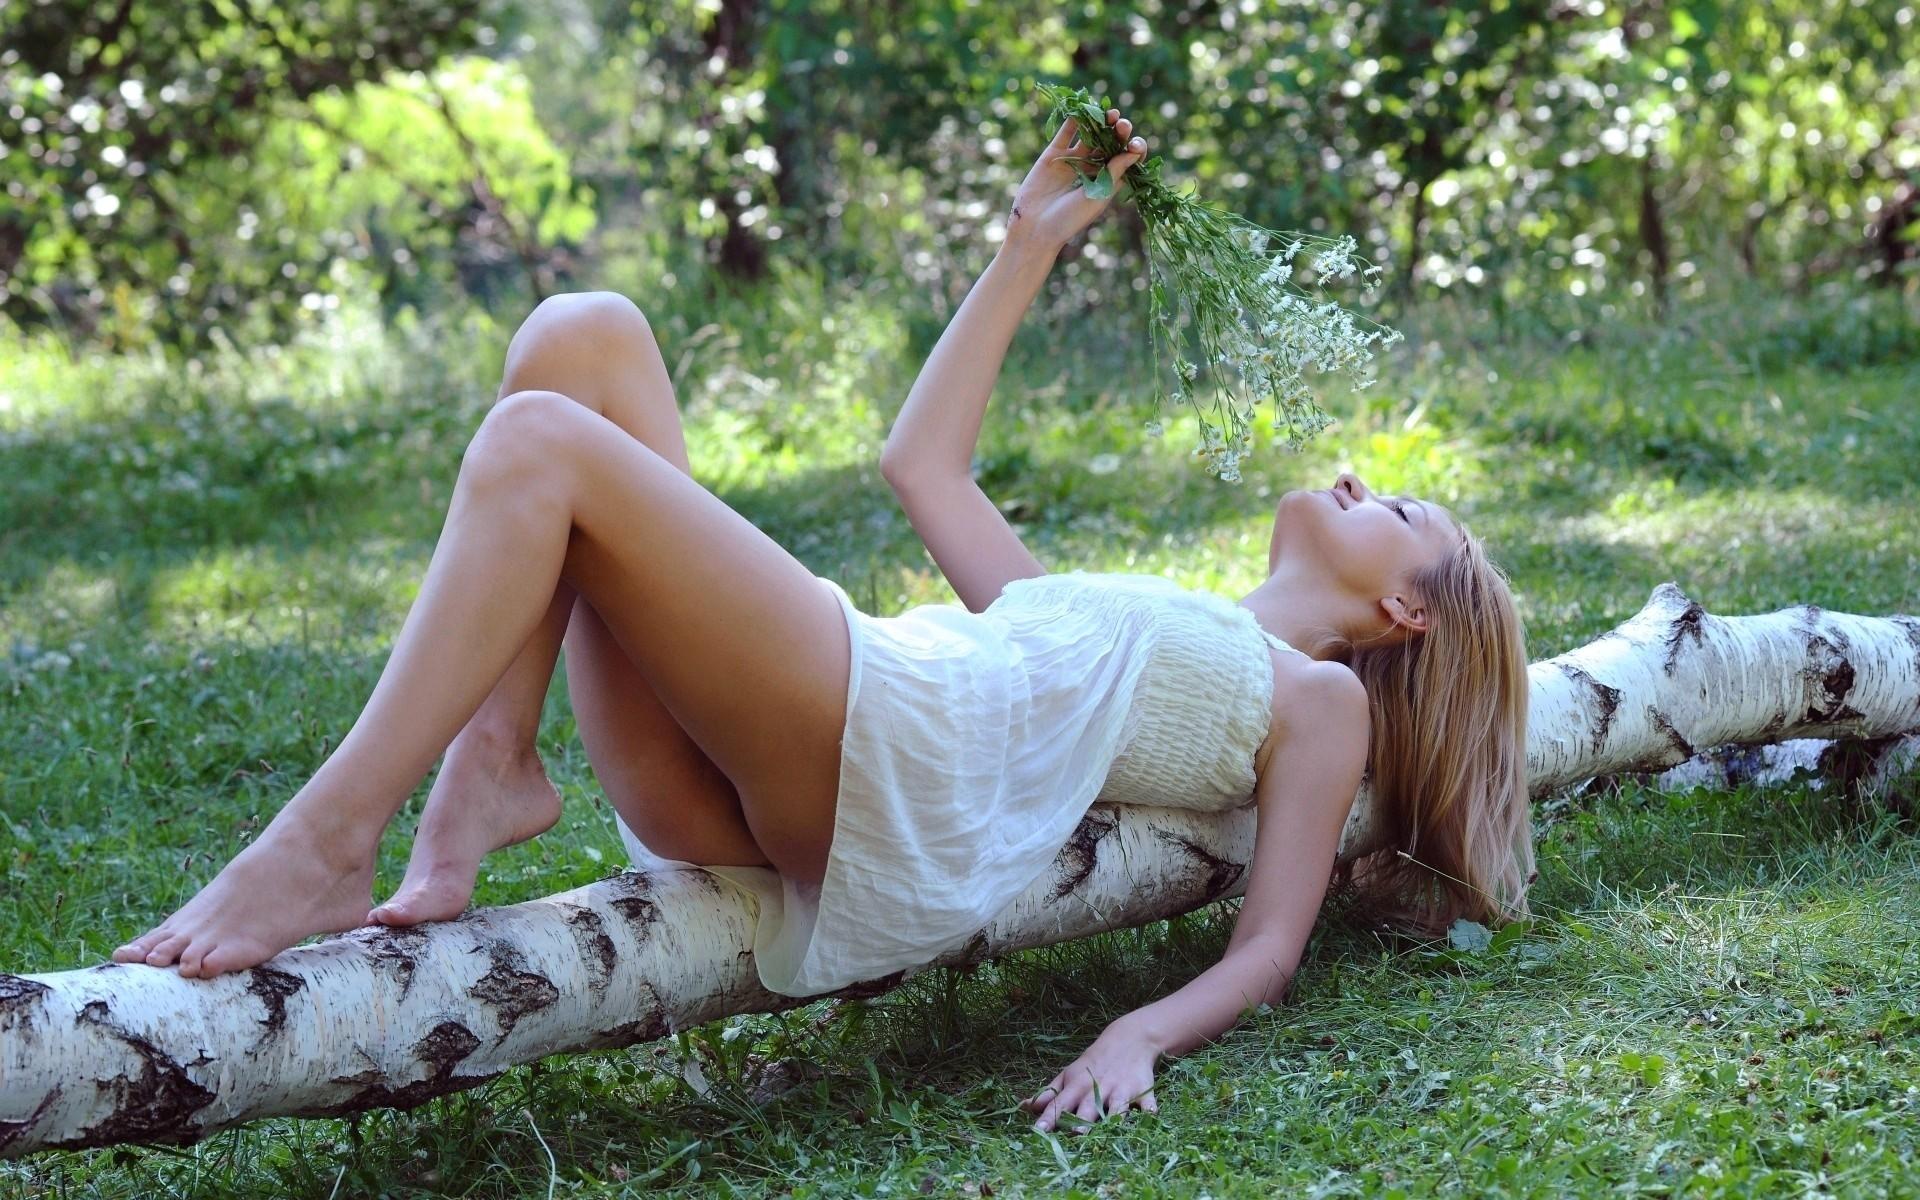 Ишол в лесу увидел трахаются снял и показал в интернете сидит сверху медленно